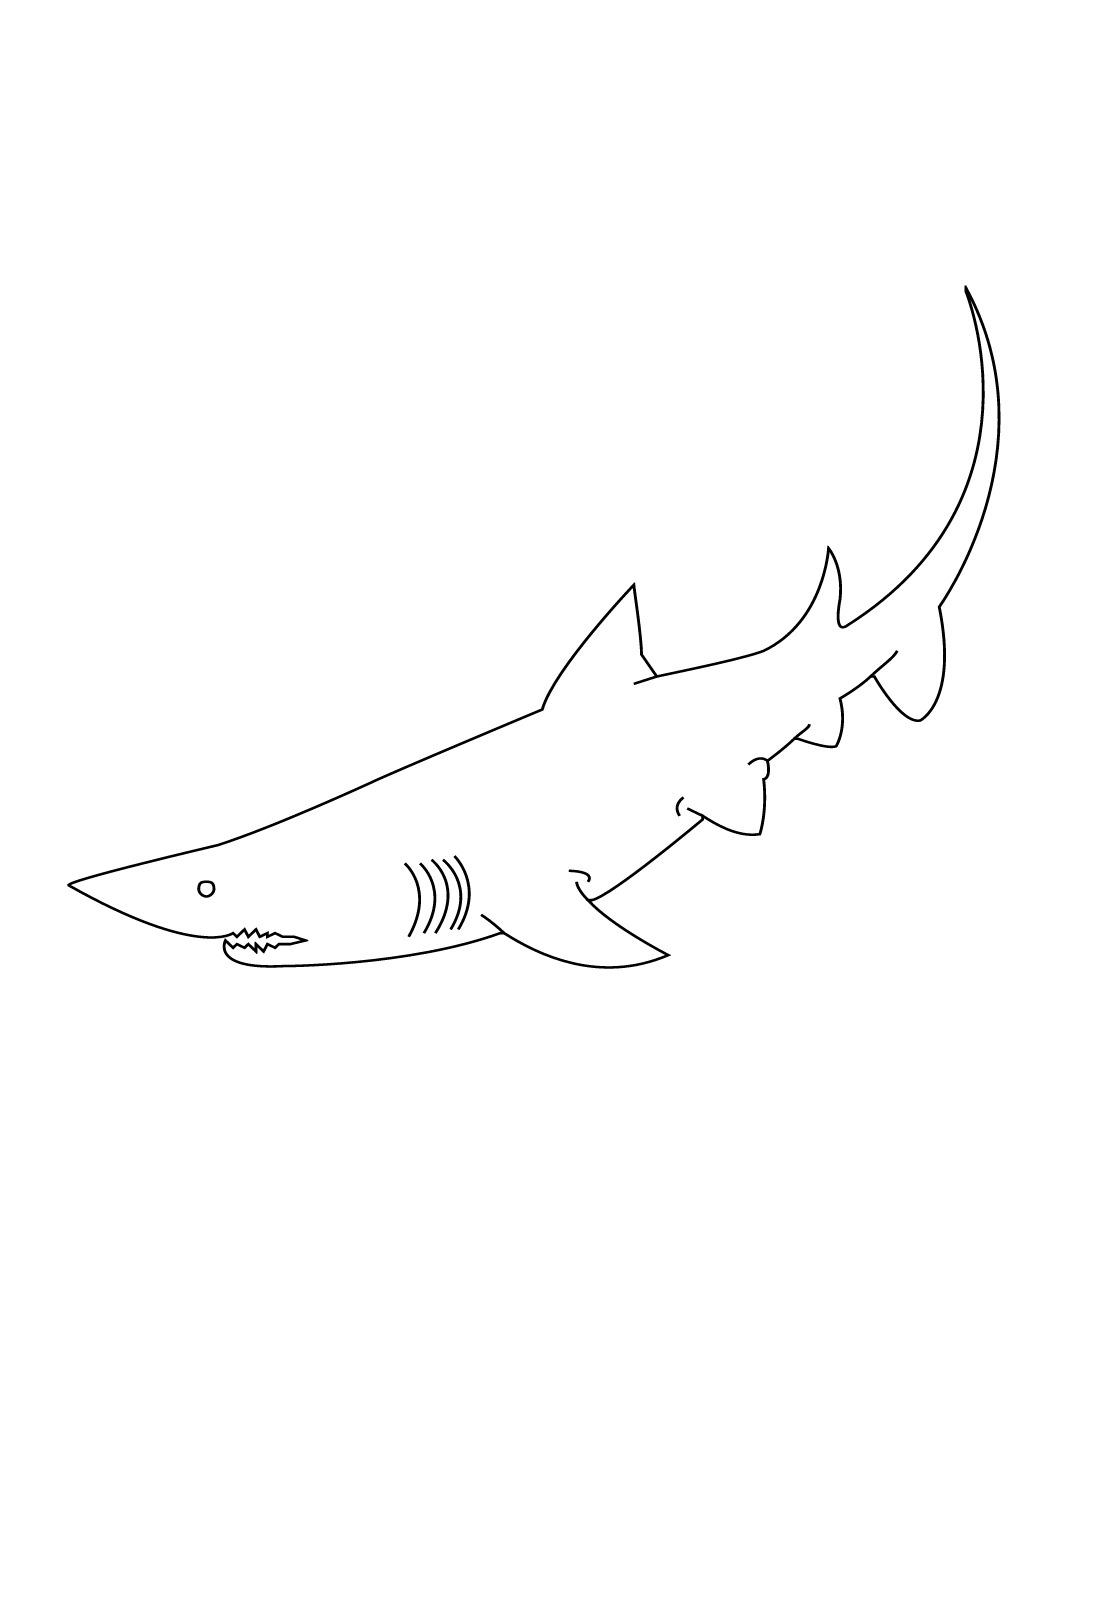 Requin #102 (Animaux) – Coloriages À Imprimer intérieur Coloriage Requin À Imprimer